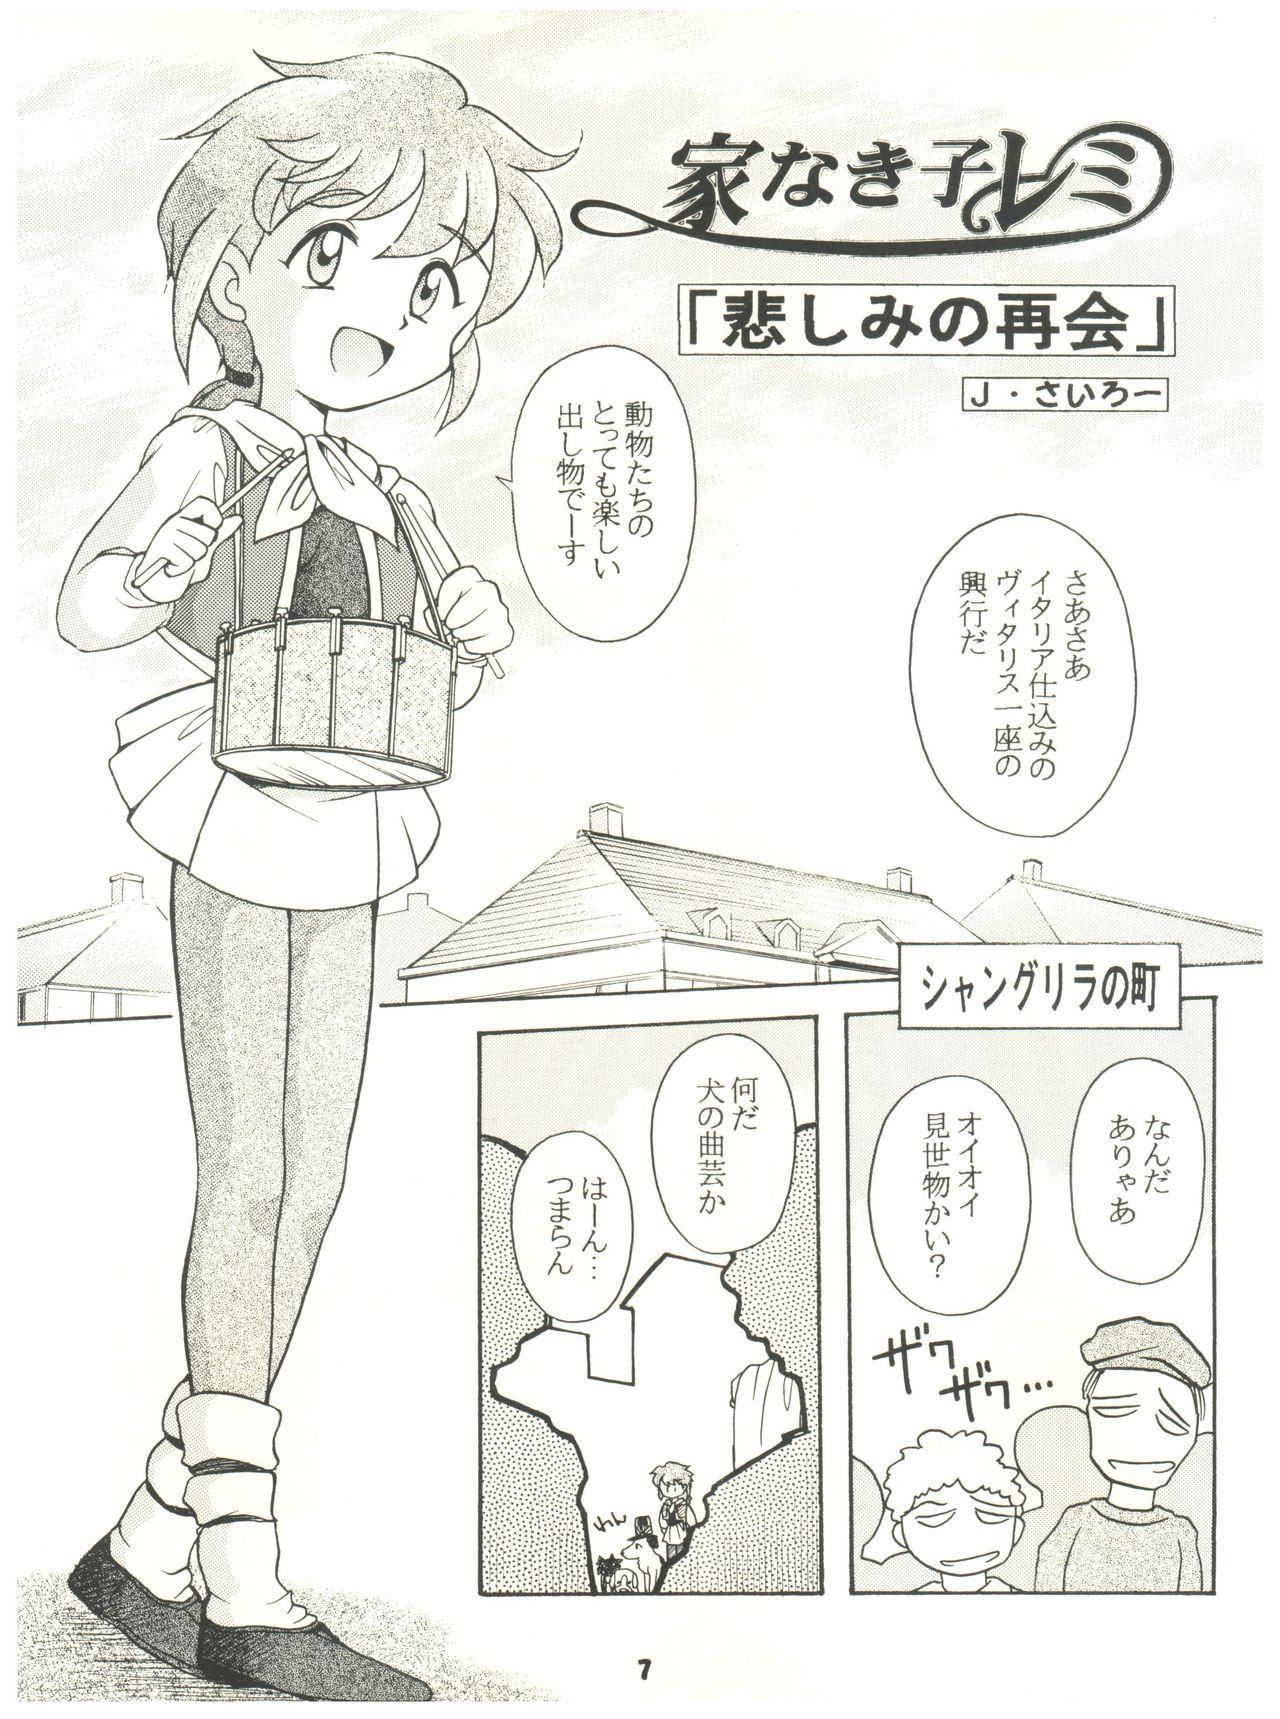 [Sairo Publishing (J. Sairo) En-Jack 2 (Various) 6